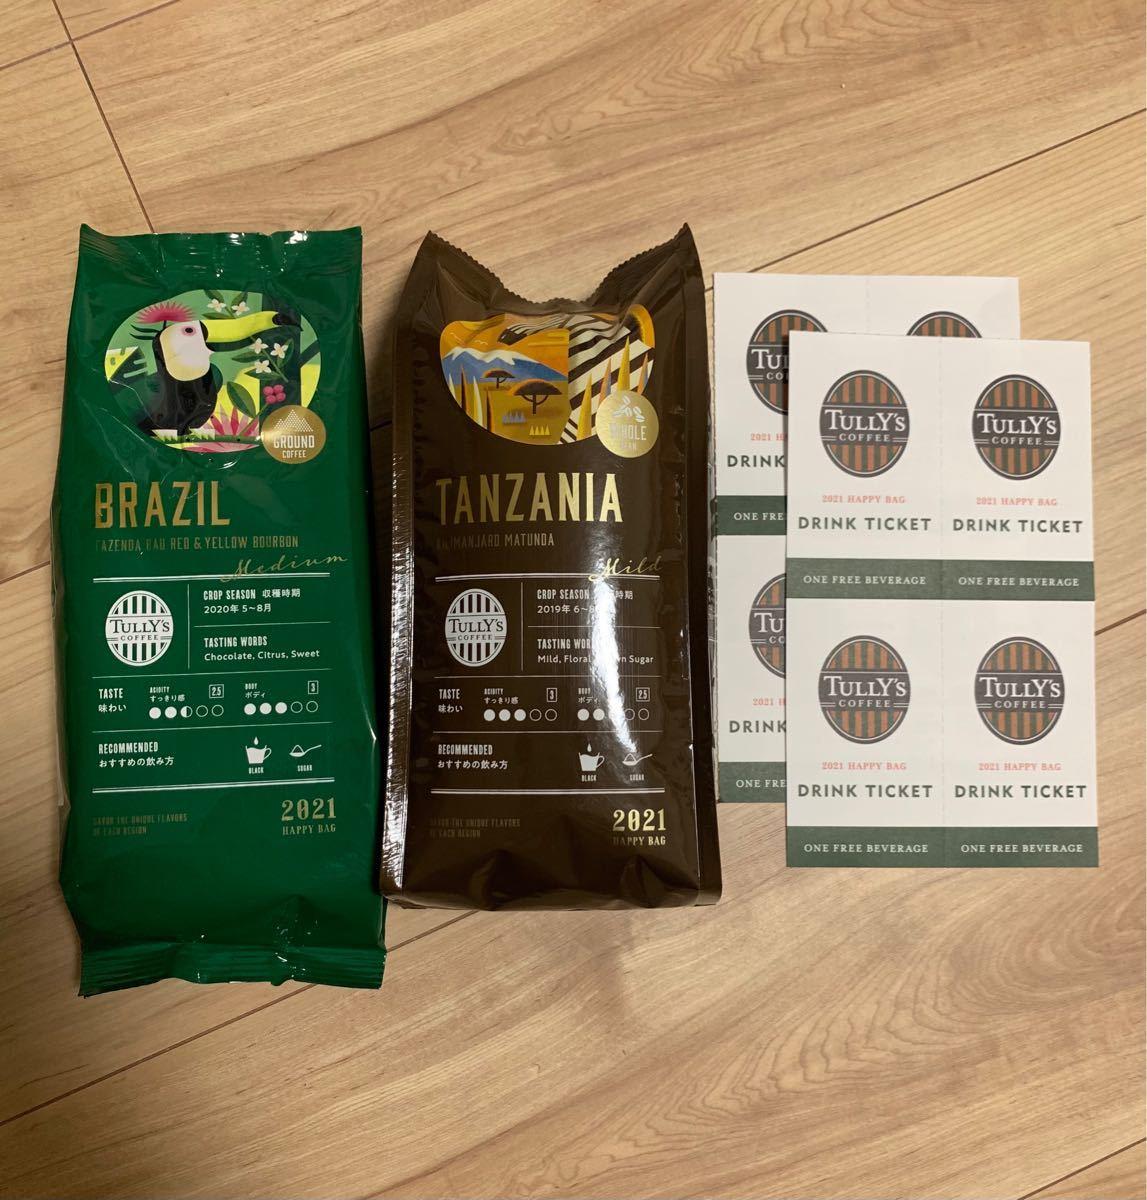 タリーズコーヒー コーヒー豆、粉 コーヒーチケット8枚